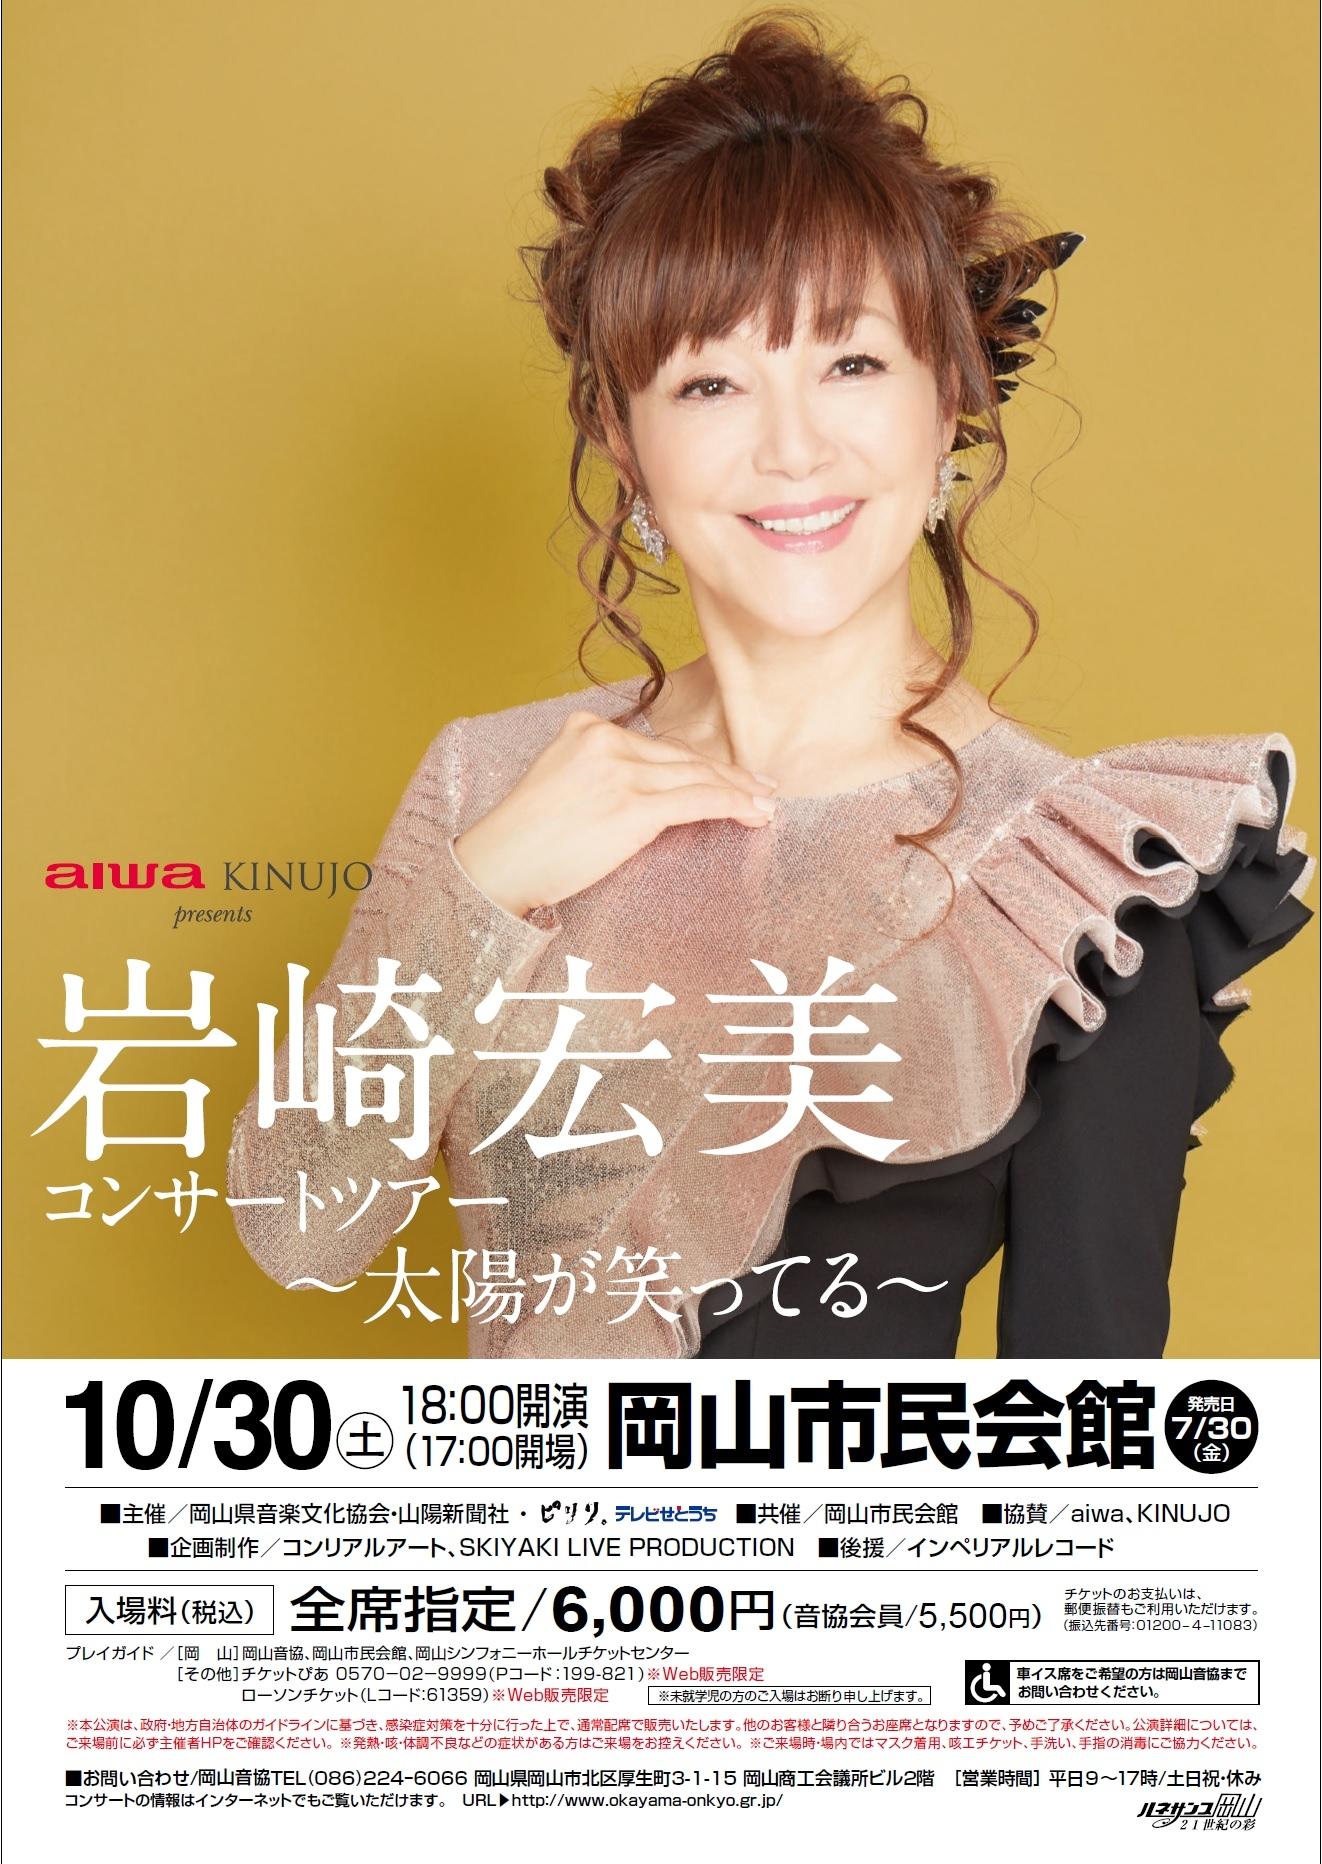 岩崎宏美コンサートツアー~太陽が笑ってる~